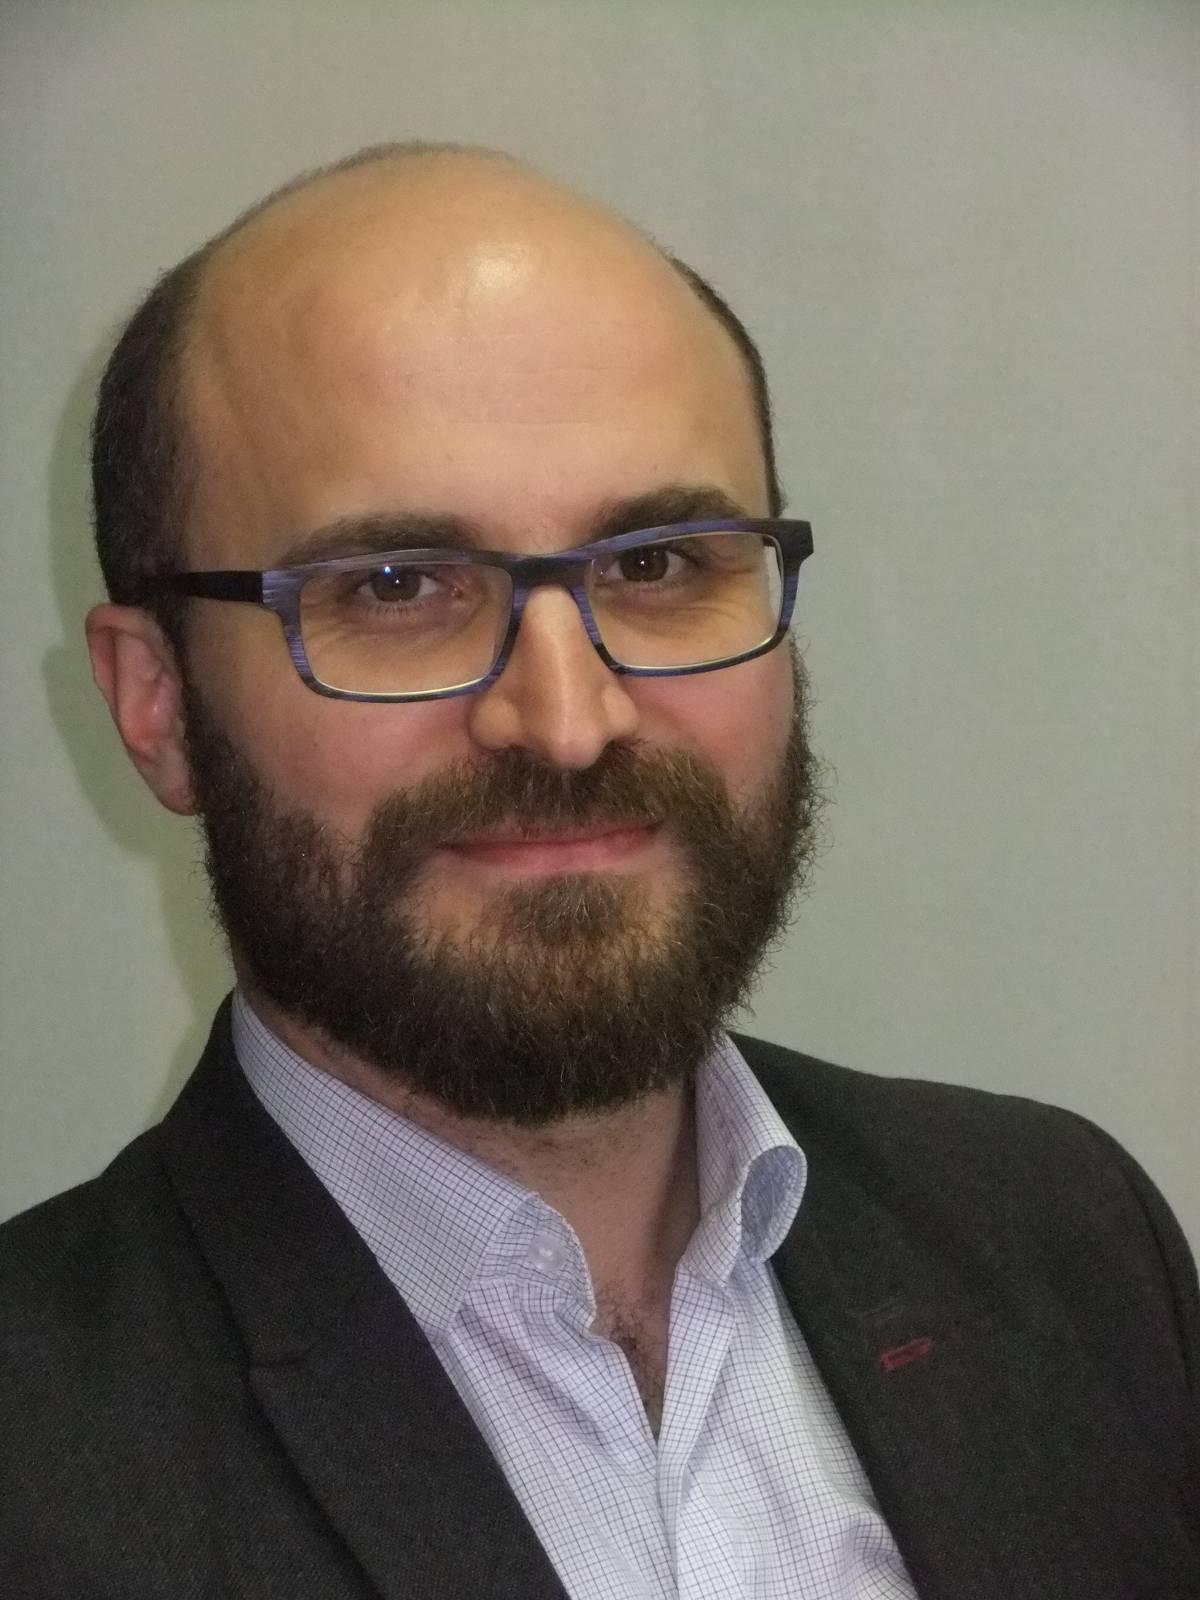 Pierre-Frédéric Brau, jusque là responsable des archives départementales de l'Yonne, est le nouveau président de l'AAF (AAF)